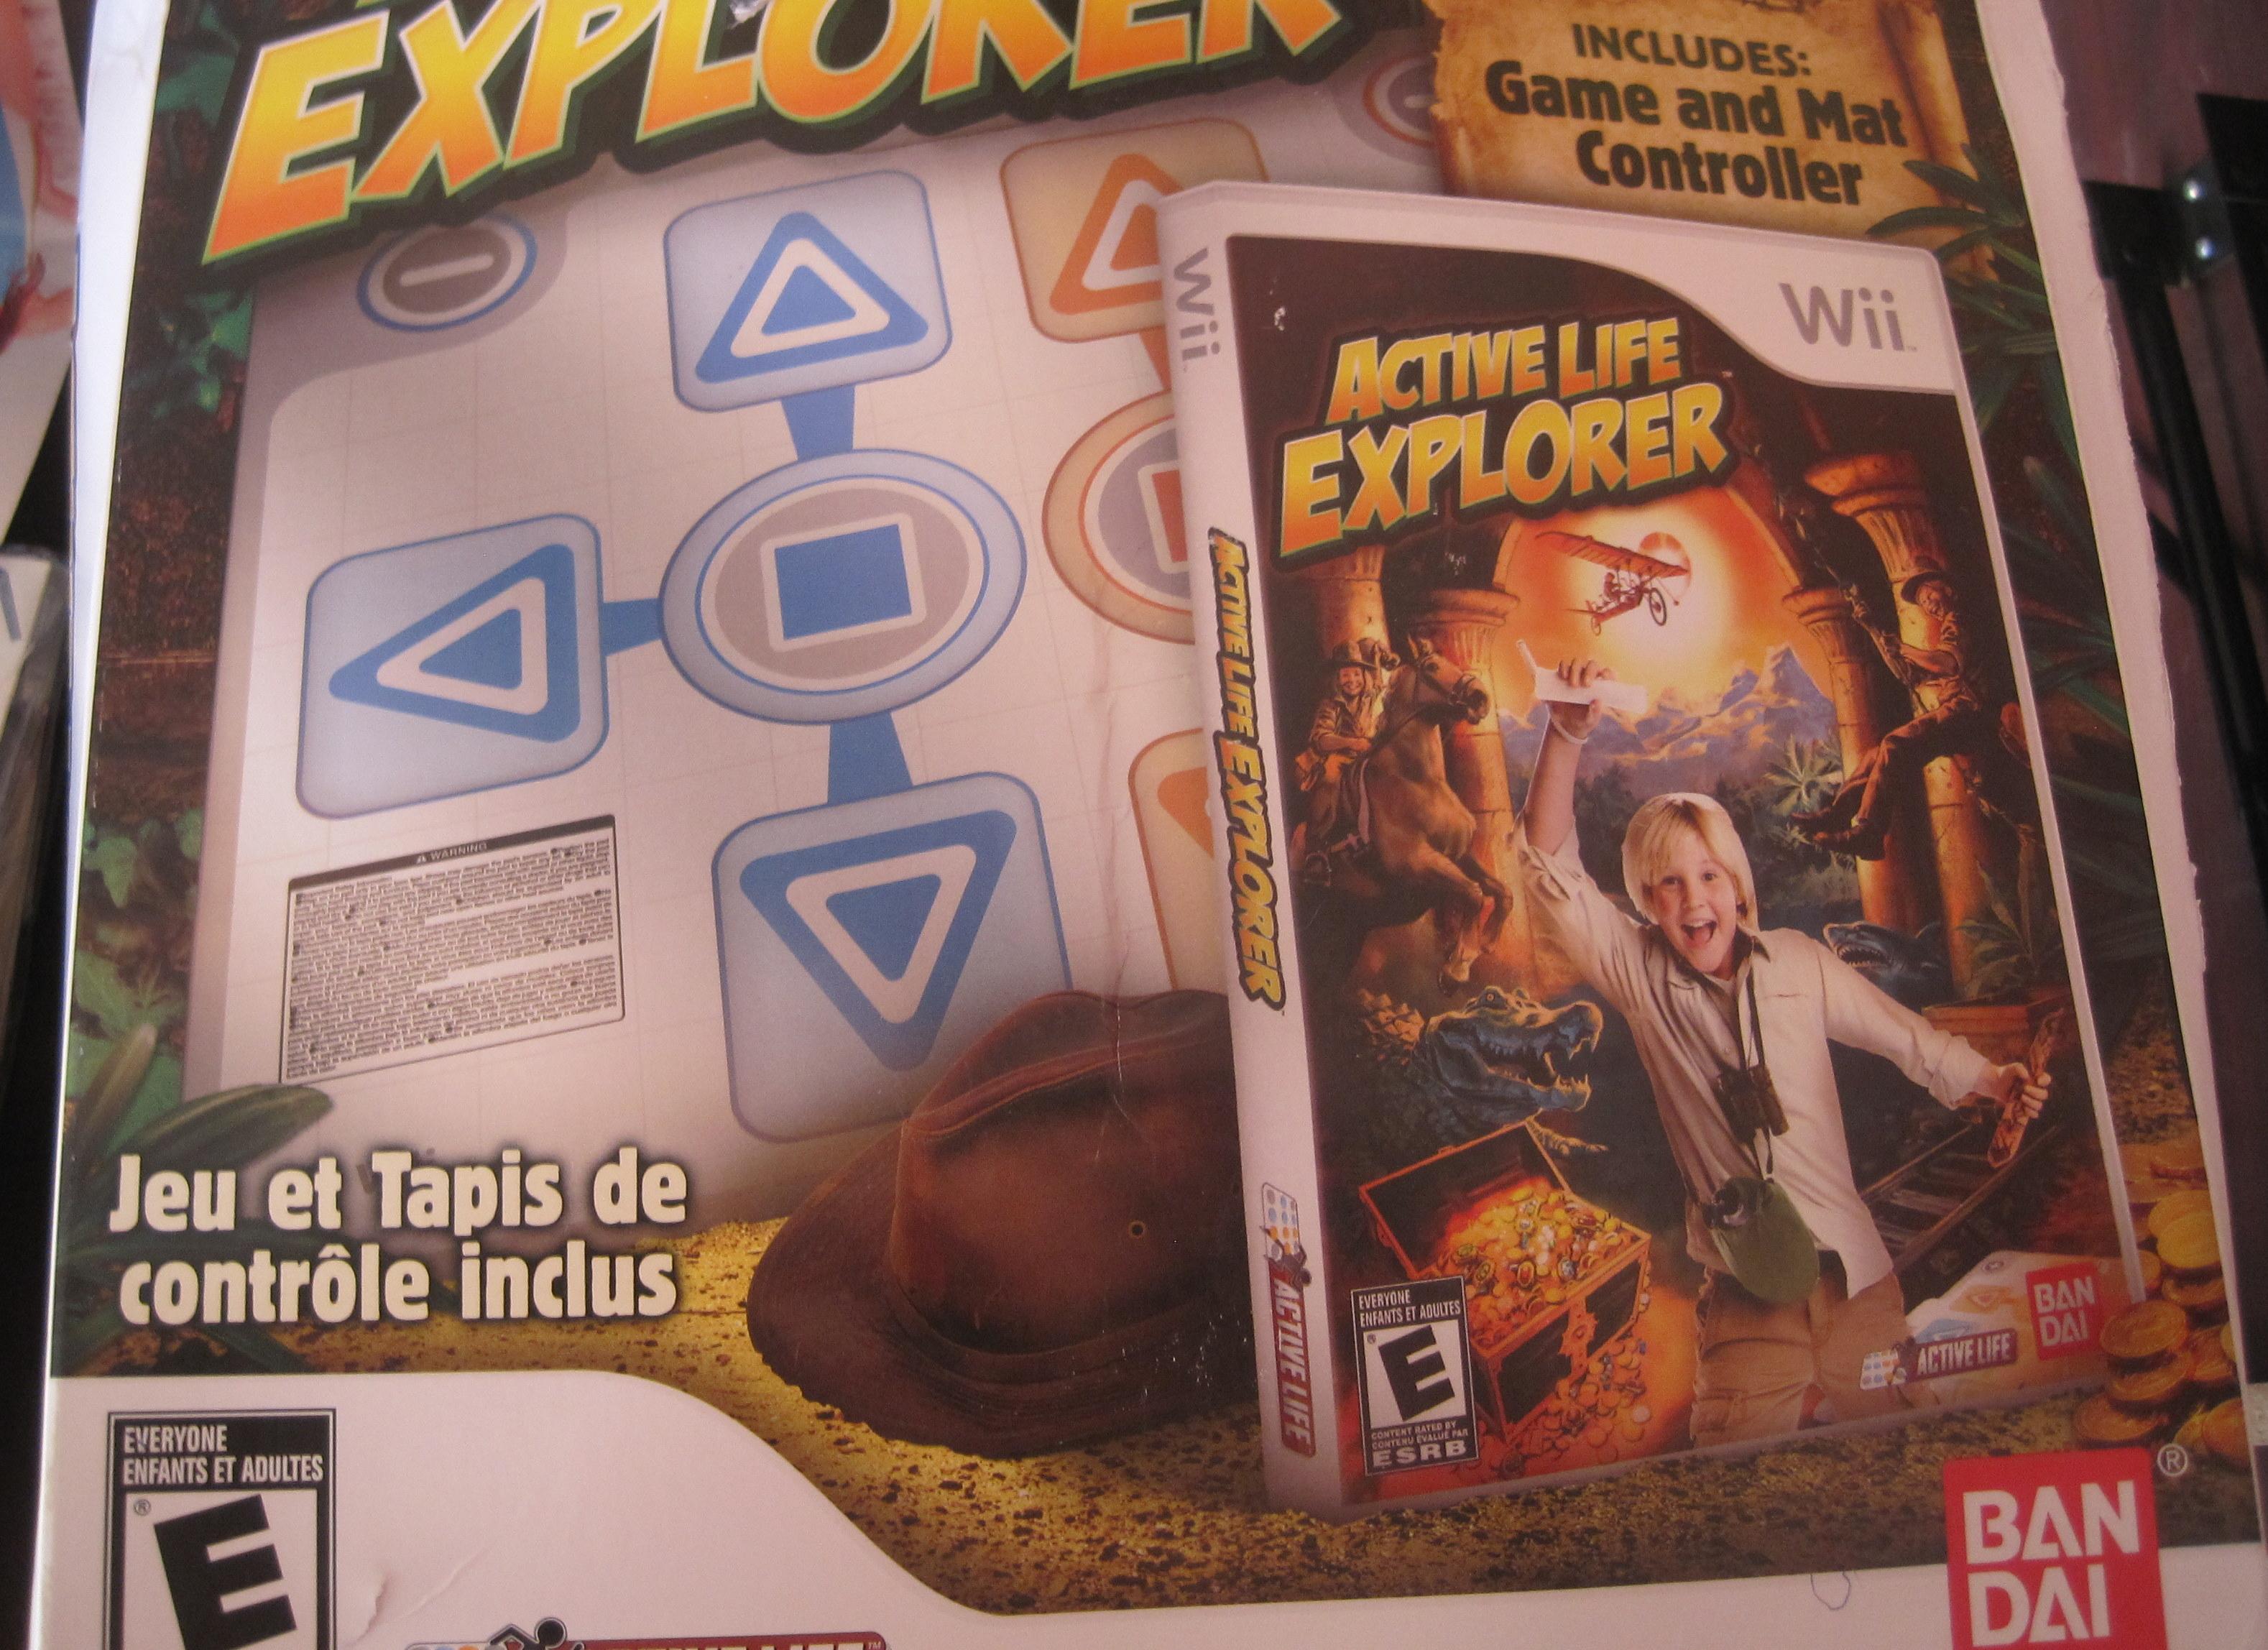 Wii Active Explorer